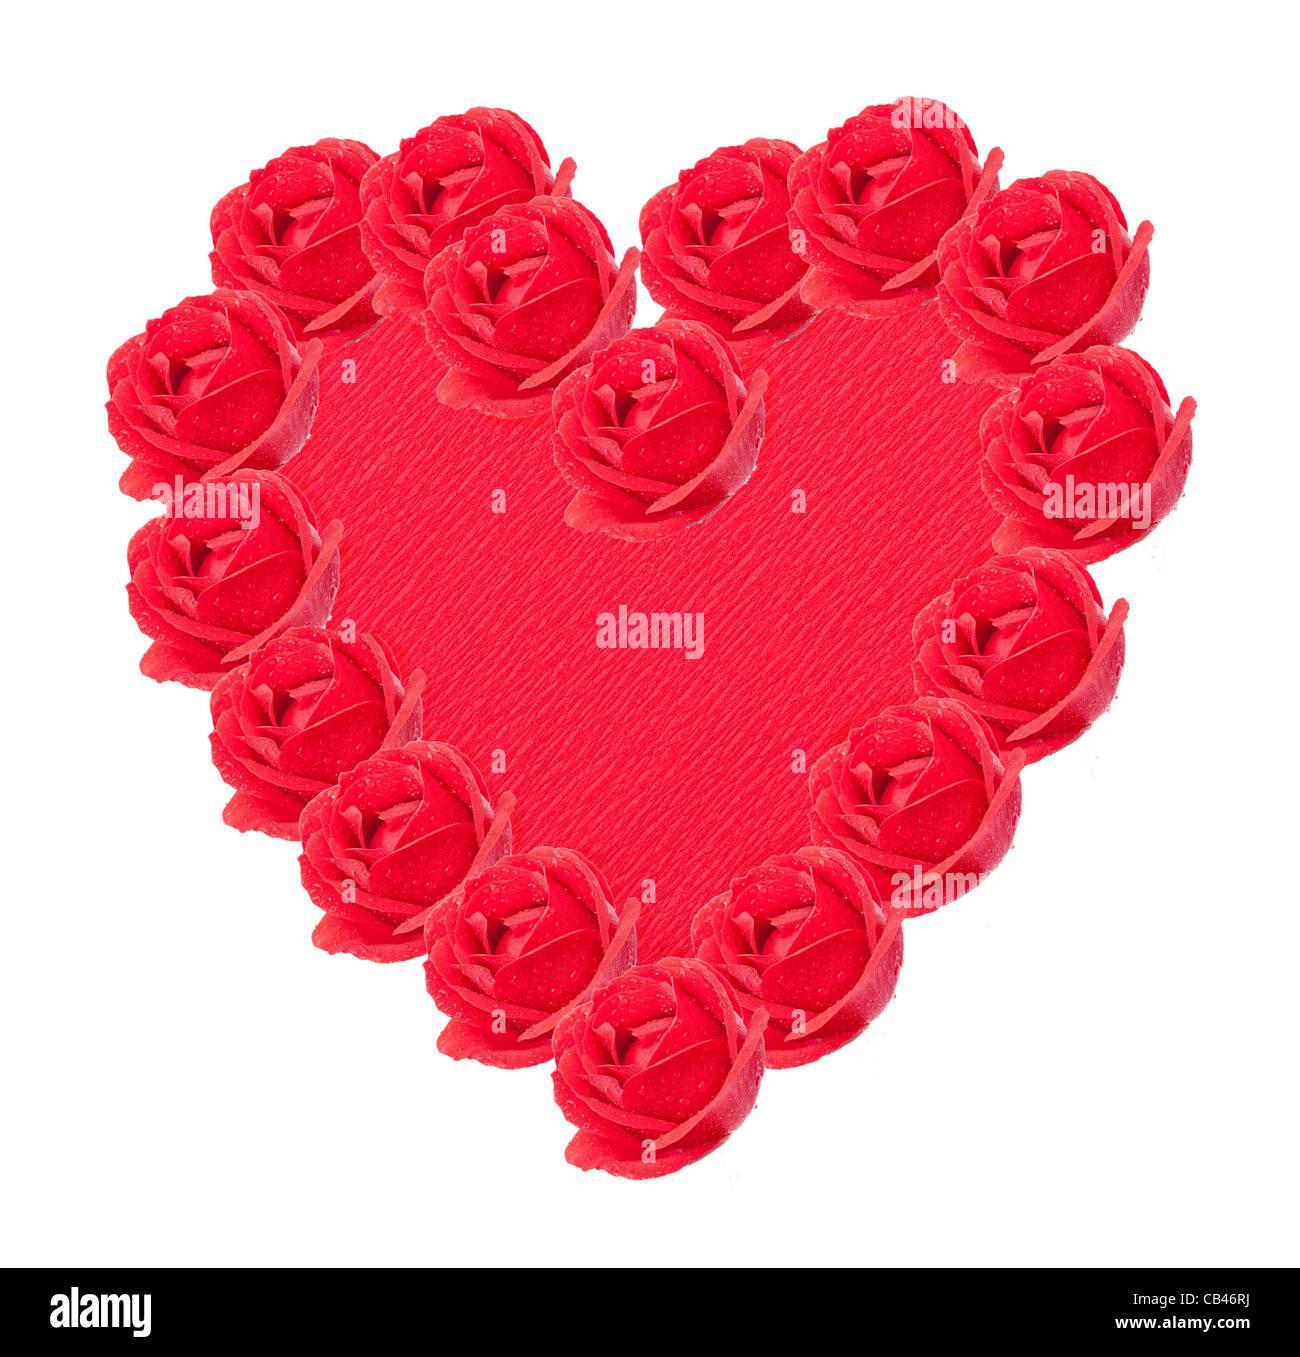 Corazón rojo con rosas Imagen De Stock